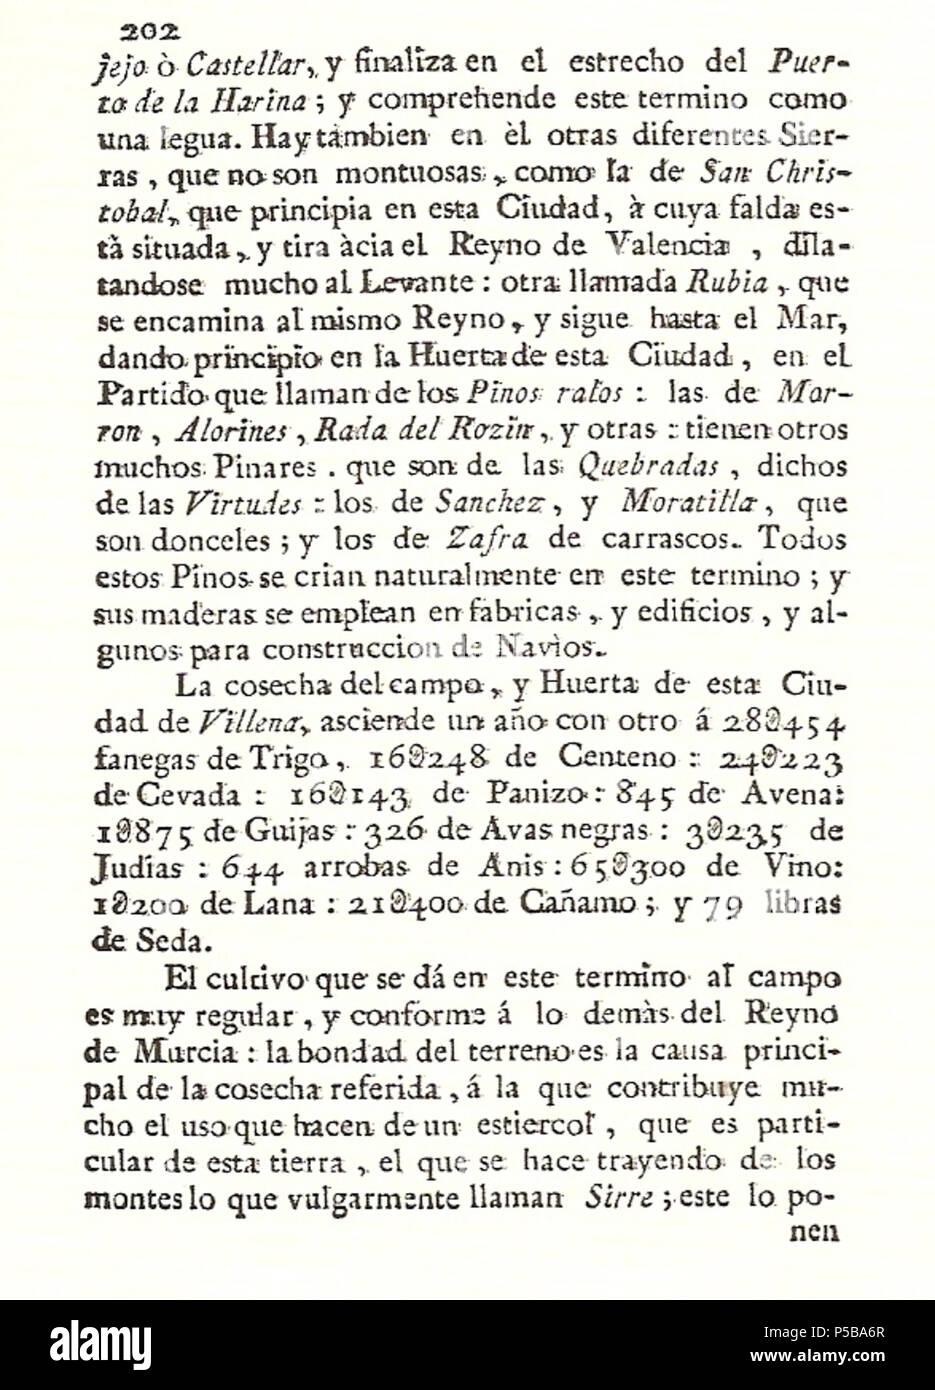 N/A. Español: Es un escaneo de la revista 'Correo General de España' que versa sobre Villena . 1771. Marino Nipho 382 Correo.1771-02-22--202 Stock Photo